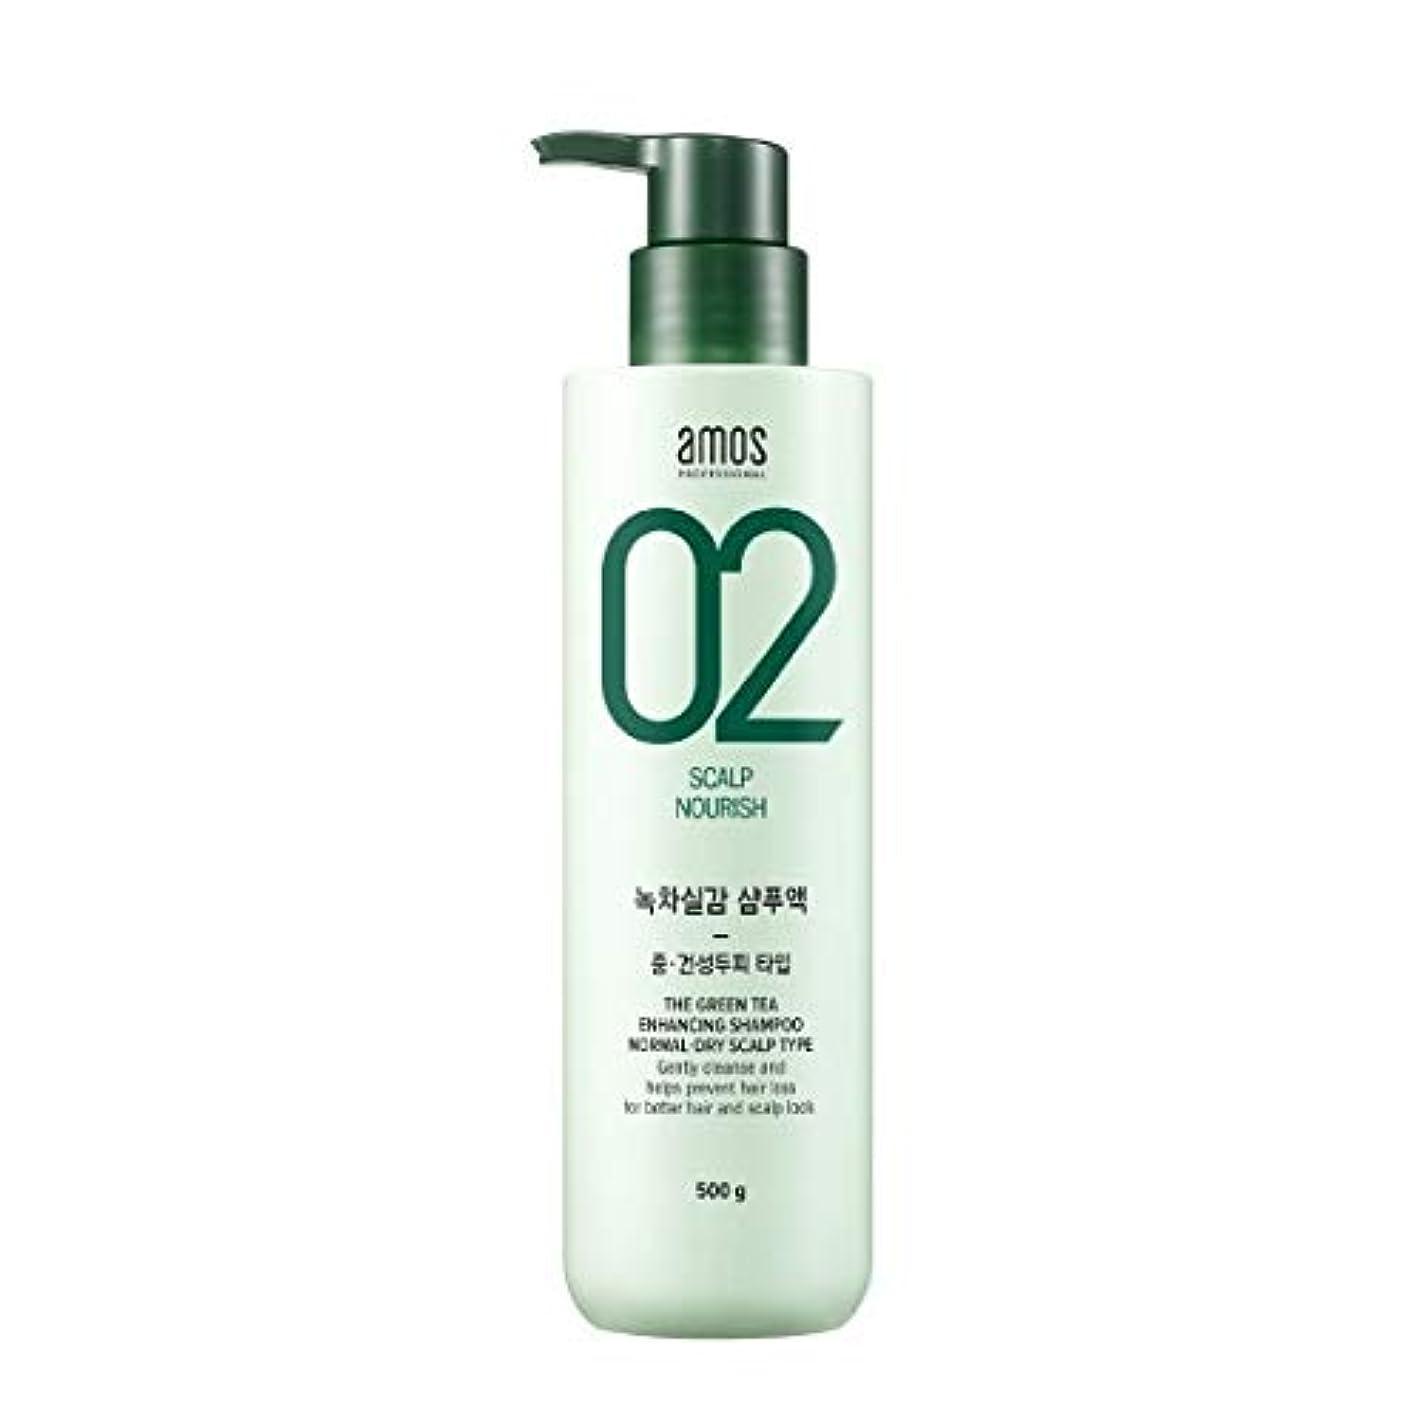 賢明な支援する食物Amos Green Tea Enhancing Shampoo - Normal, Dry 500g / アモス ザ グリーンティー エンハンシング シャンプー # ノーマルドライ スカルプタイプ [並行輸入品]